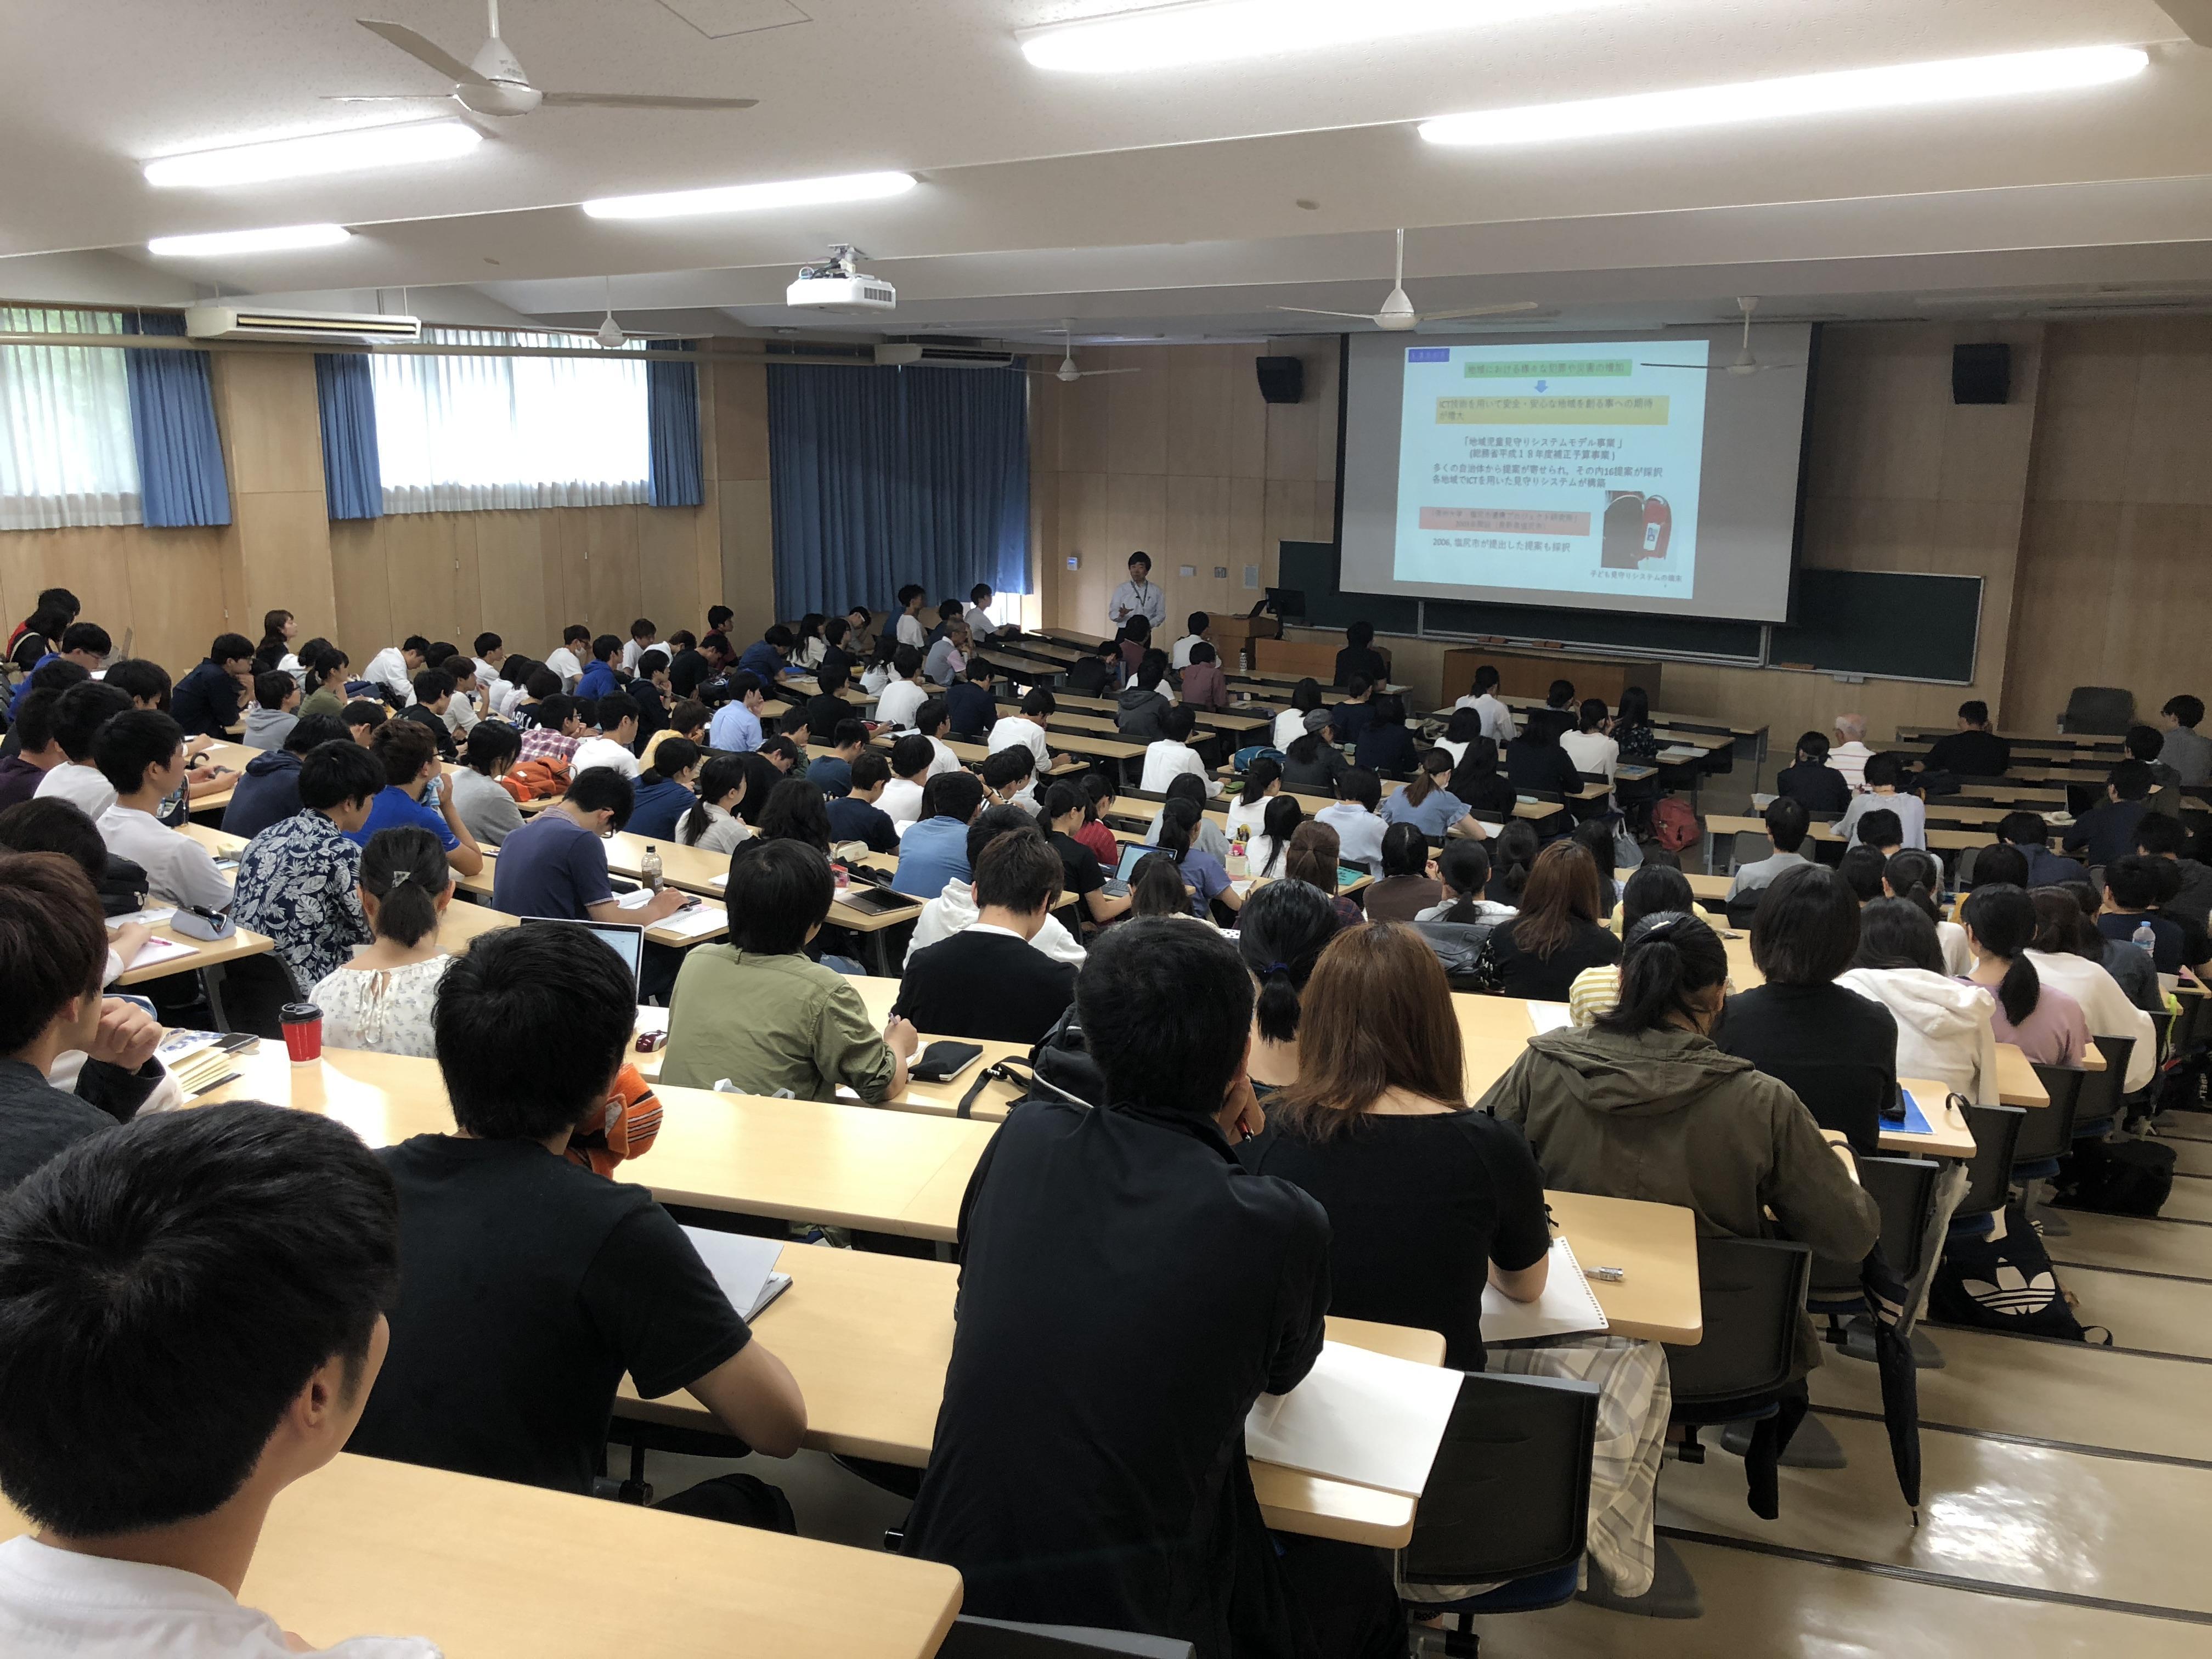 【活動報告】信州大学 一年生向け共通教育授業科目「明日を生きるための心理学 リスク社会と防災を学ぶ」